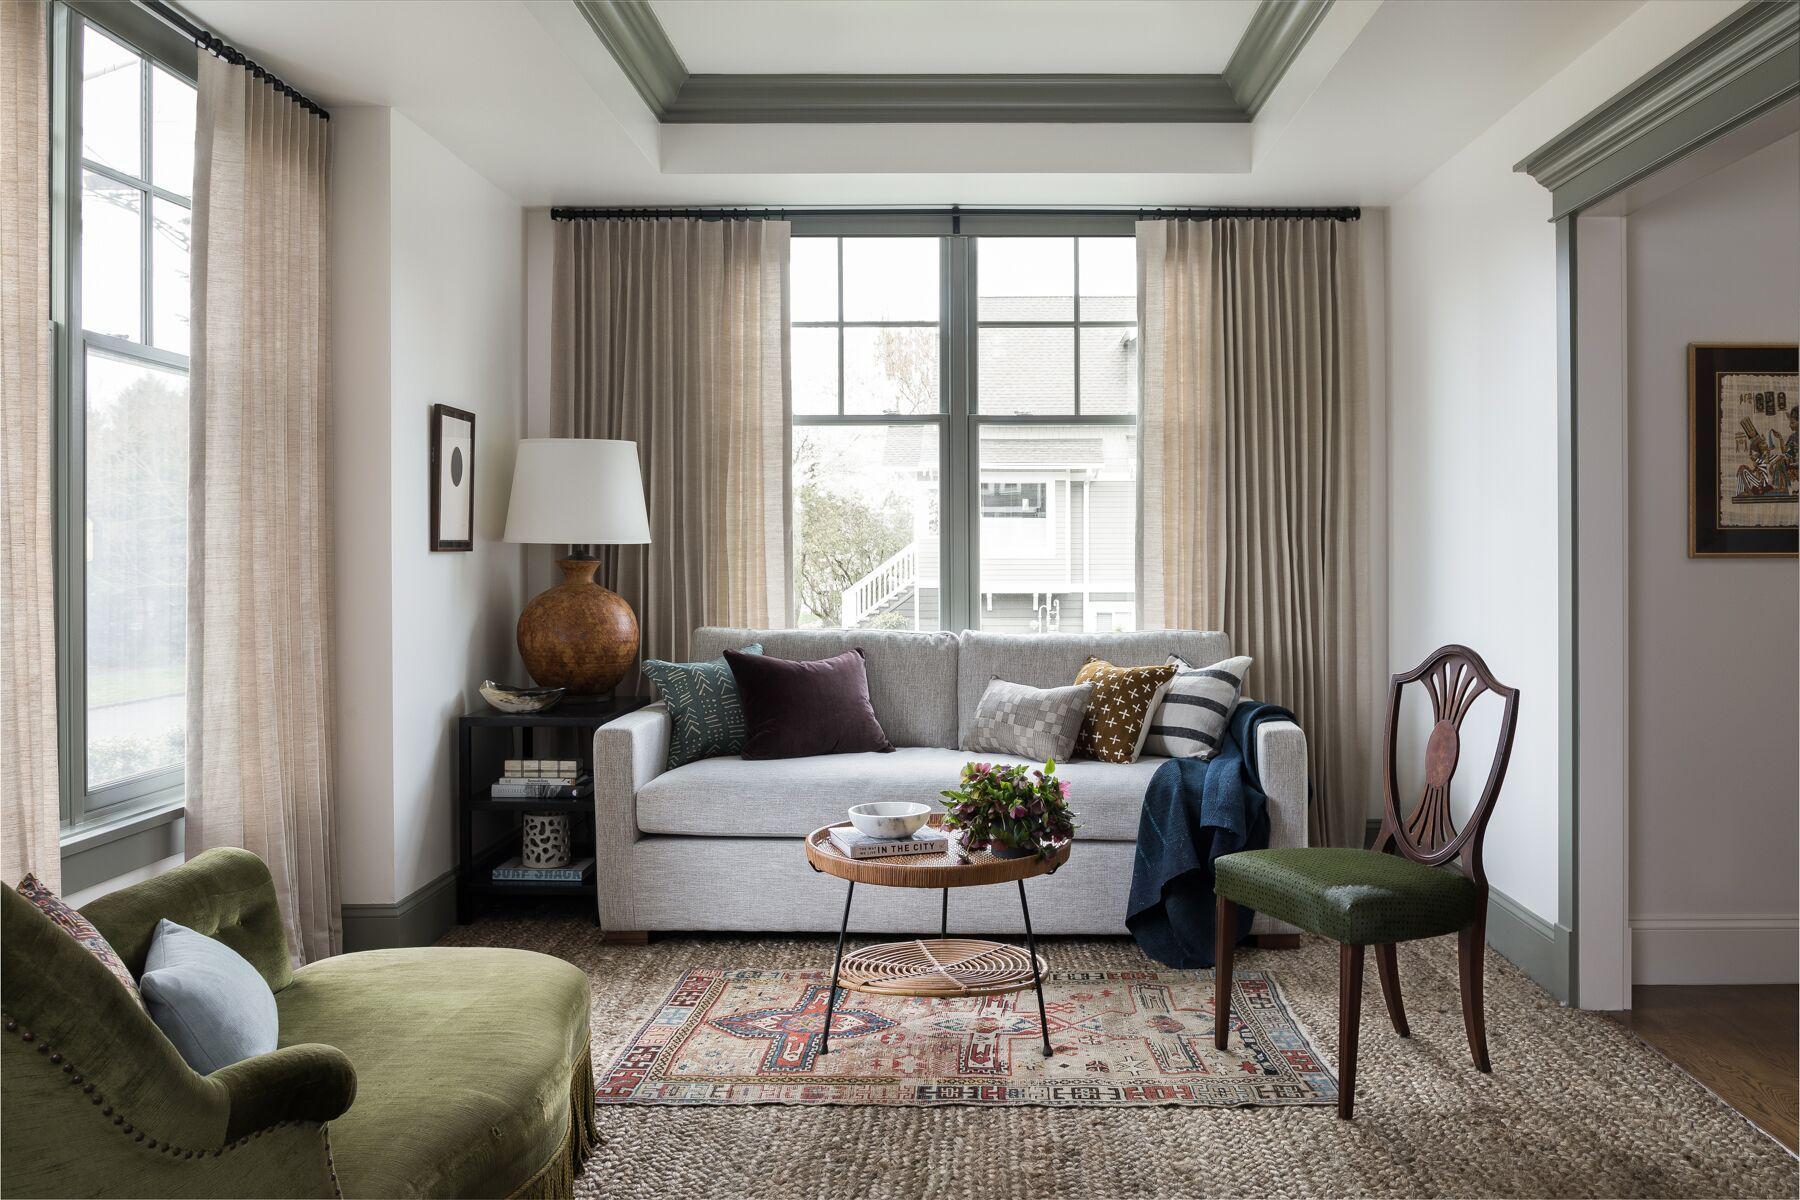 Heidi Caillier Design Seattle Interior Designer Living Room Decor Apartment Interior Design Seattle Homes